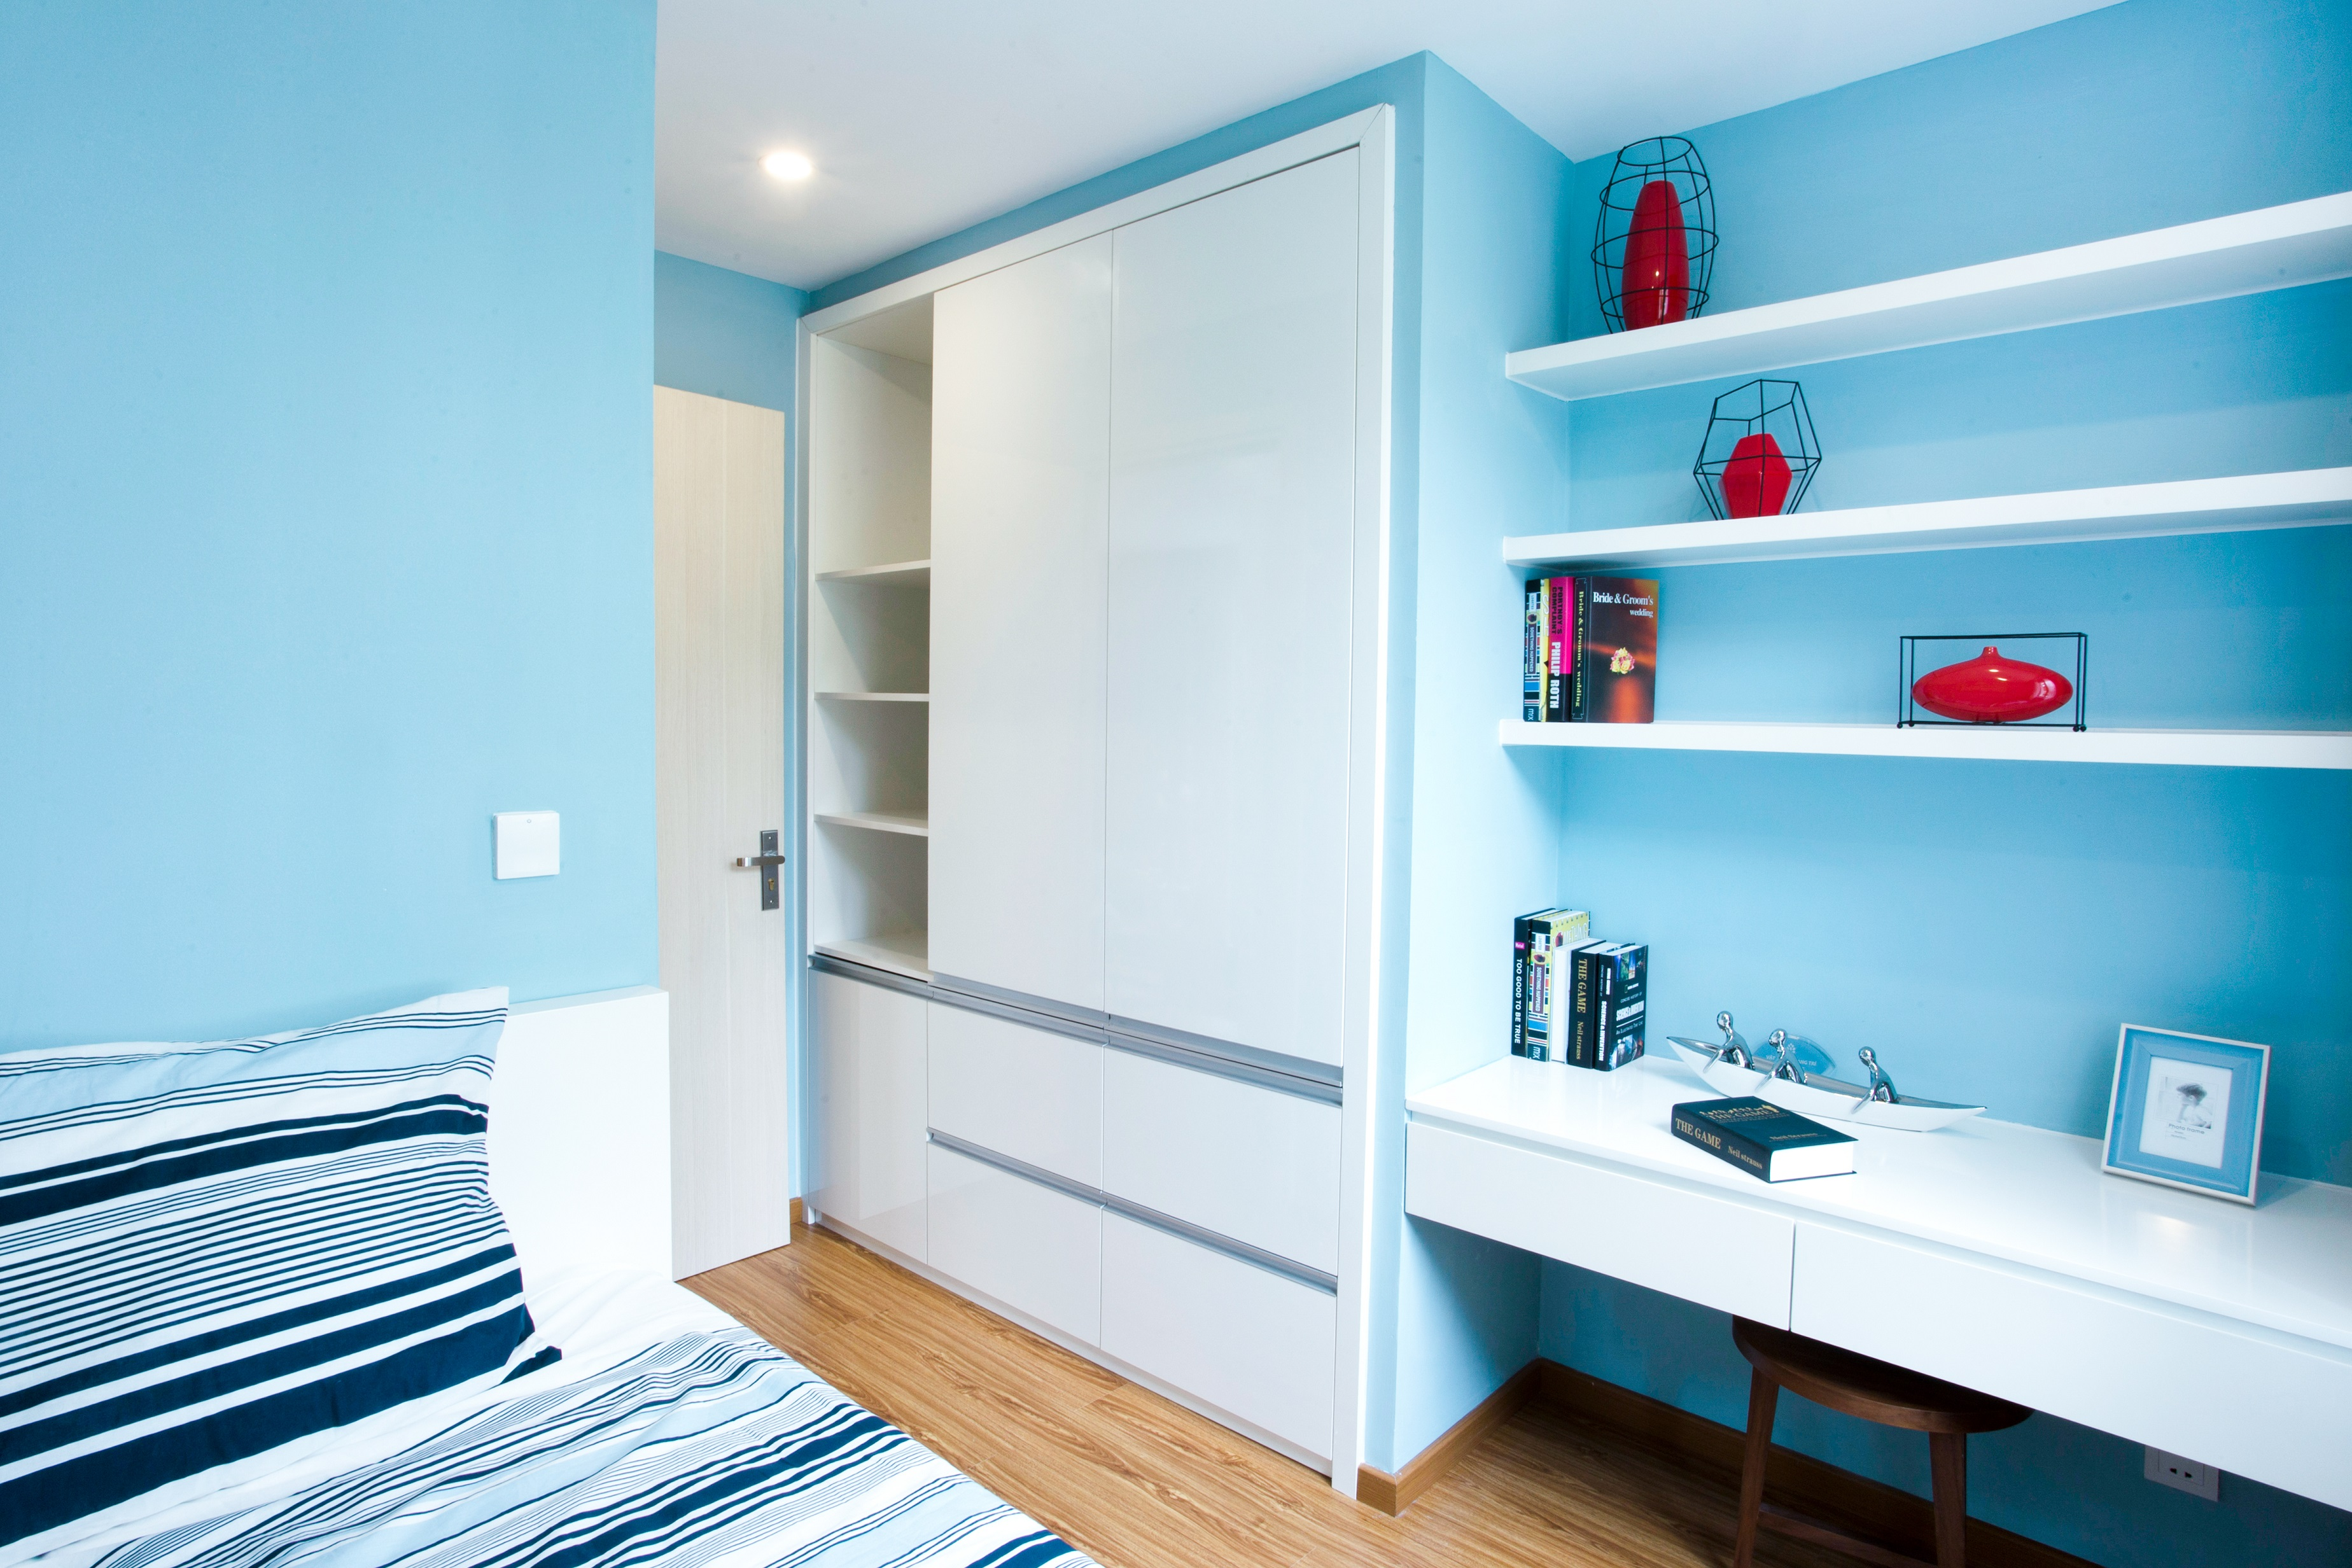 Phòng ngủ số 2 dành cho các bé, được thiết kế hết sức gọn gàng và dễ thương